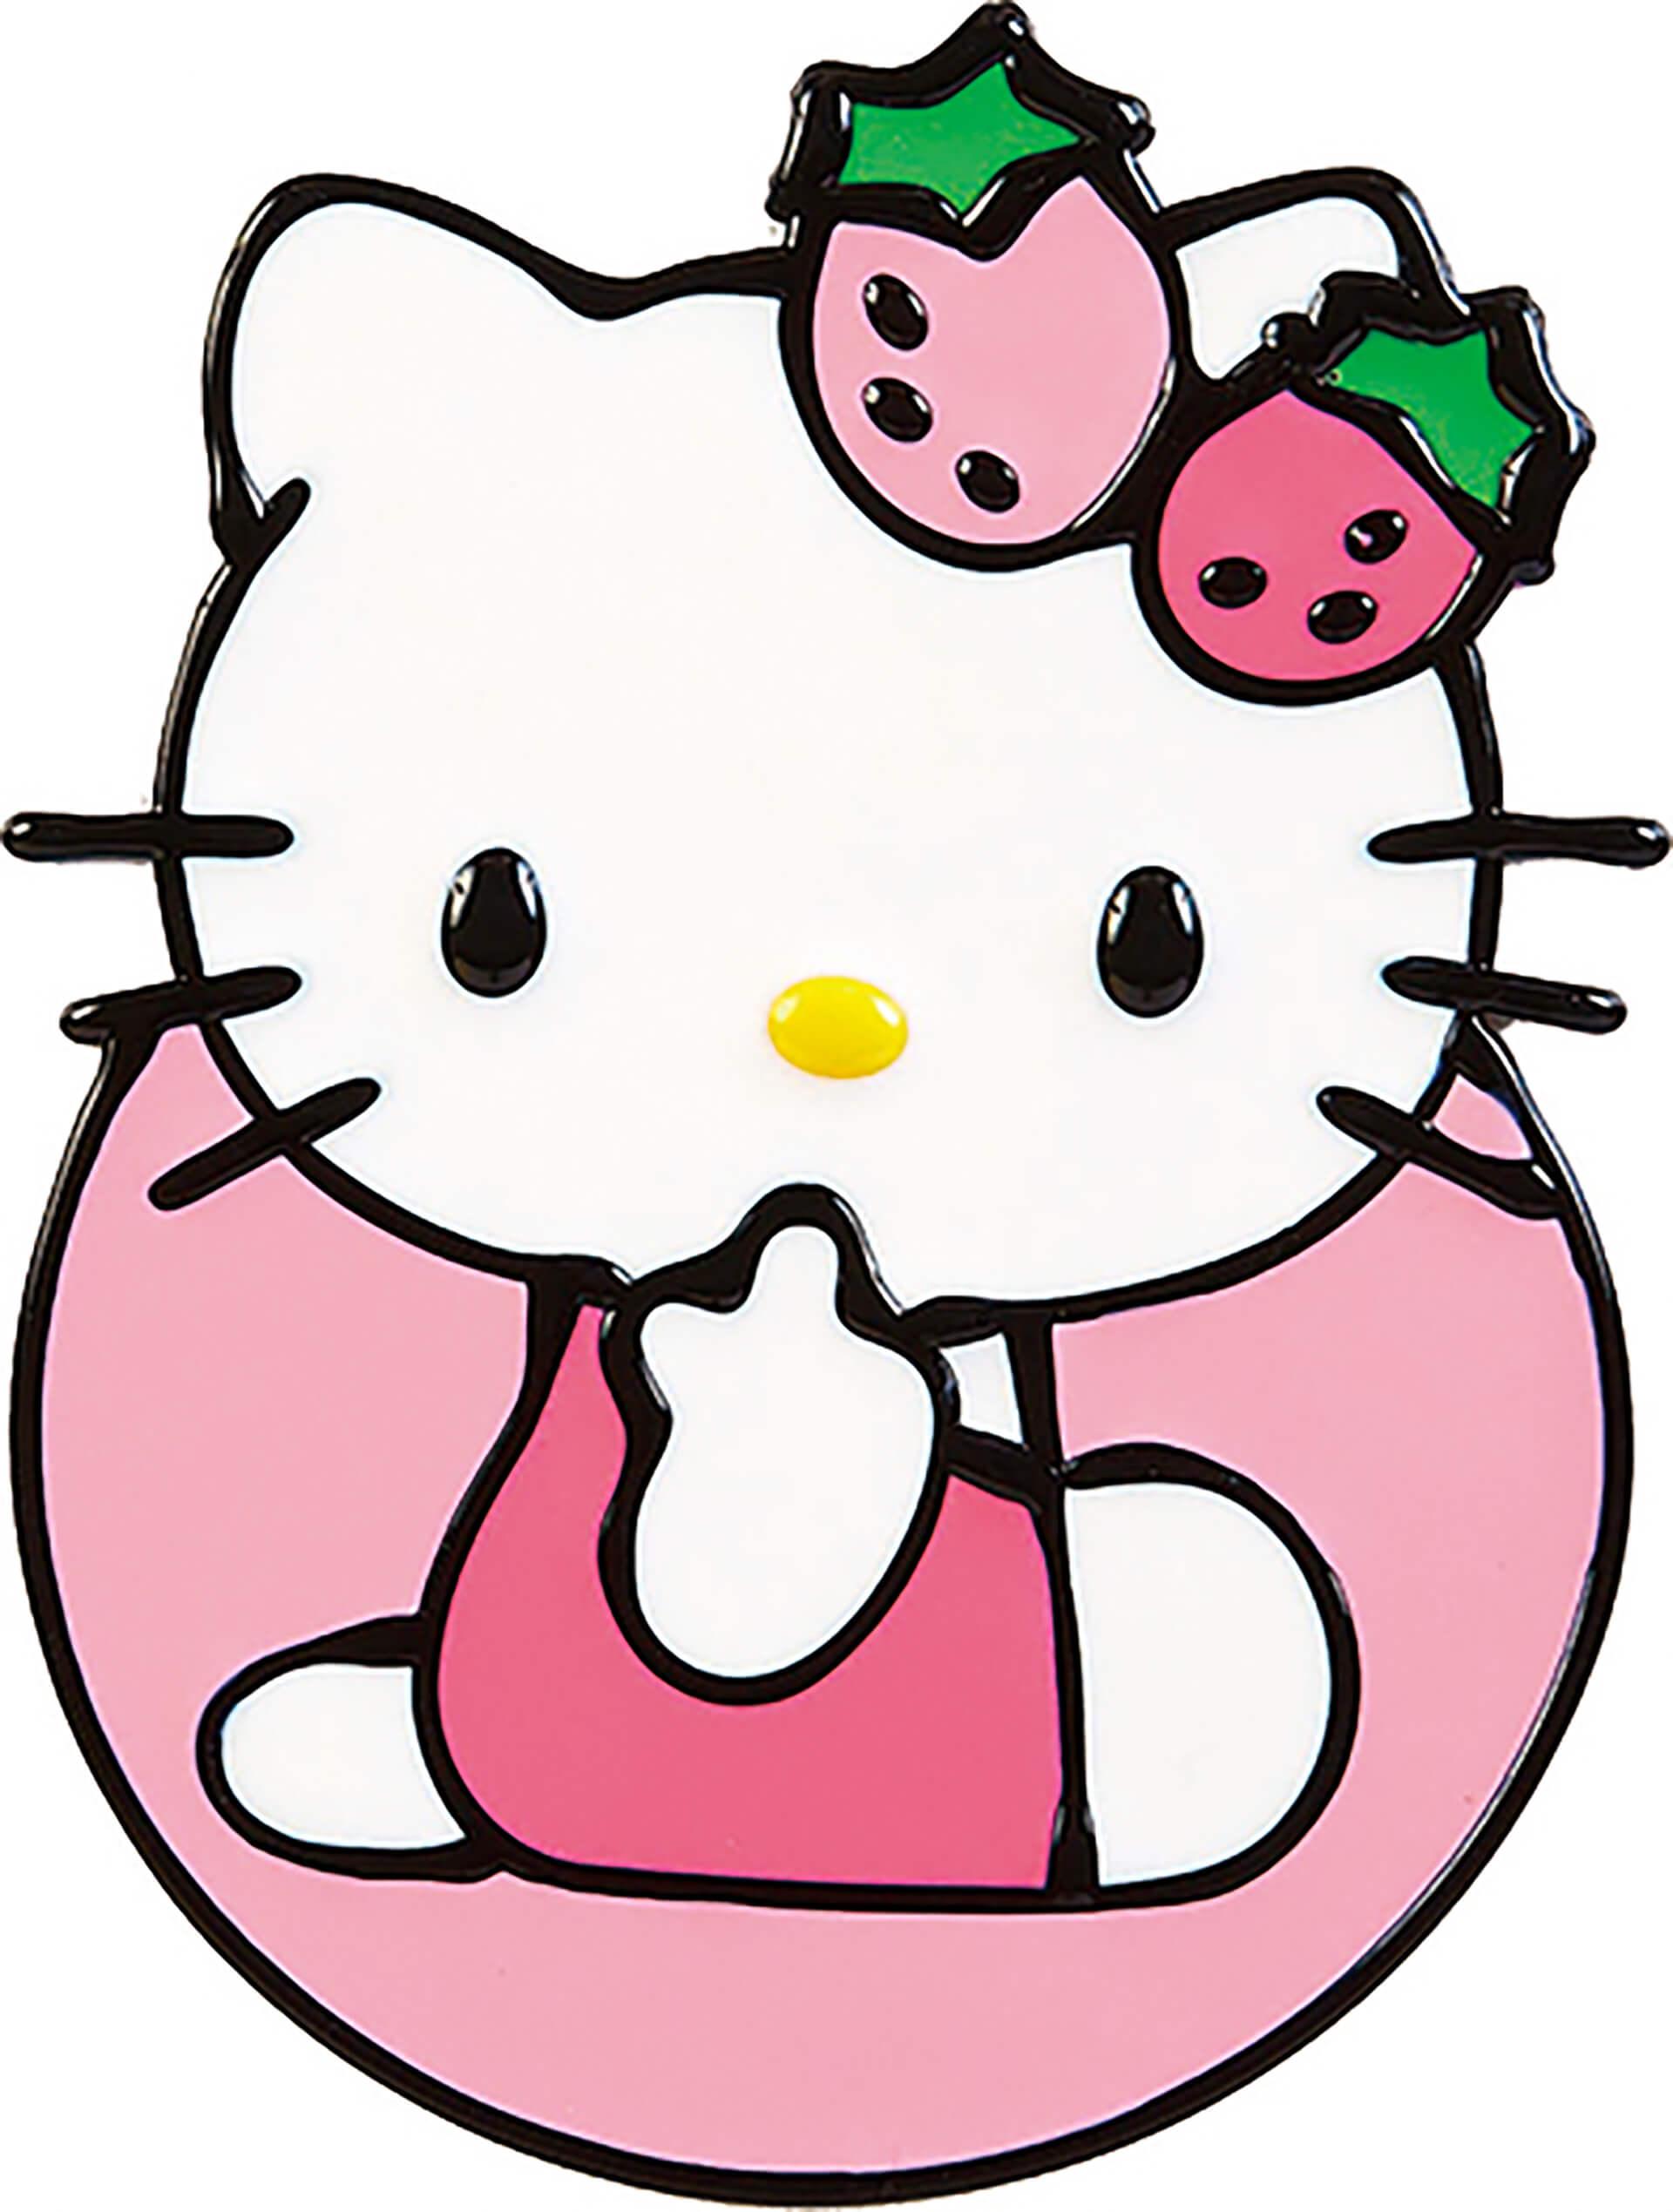 この写真はかわいいのヒミツ展のプレイスクール、ビニール焼き画。キティの絵柄です